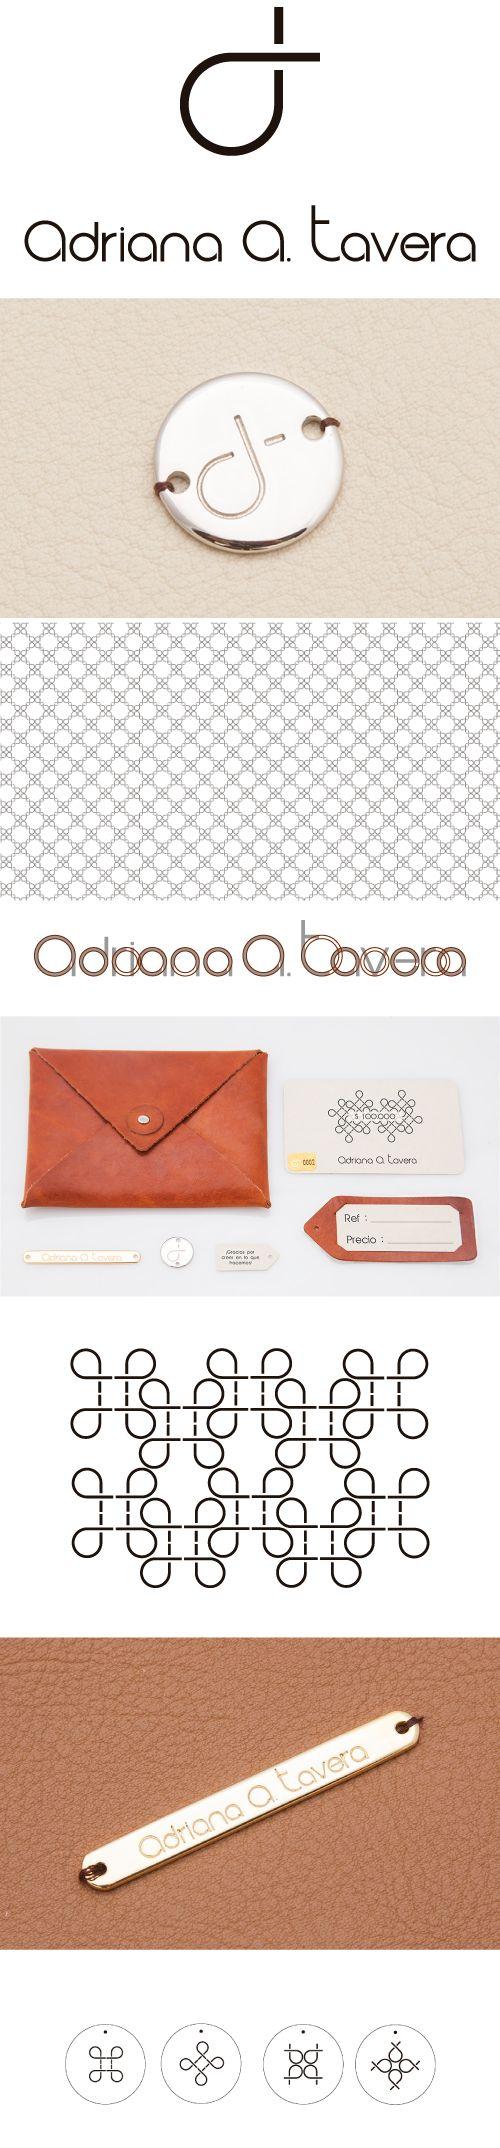 Adriana Tavera /  www.estudio201.com Diseño de Identidad: Logotipo, papelería, empaques, etiquetas, marquillas. Producción y dirección artística: Elementos que acompañan la identidad gráfica de la marca.